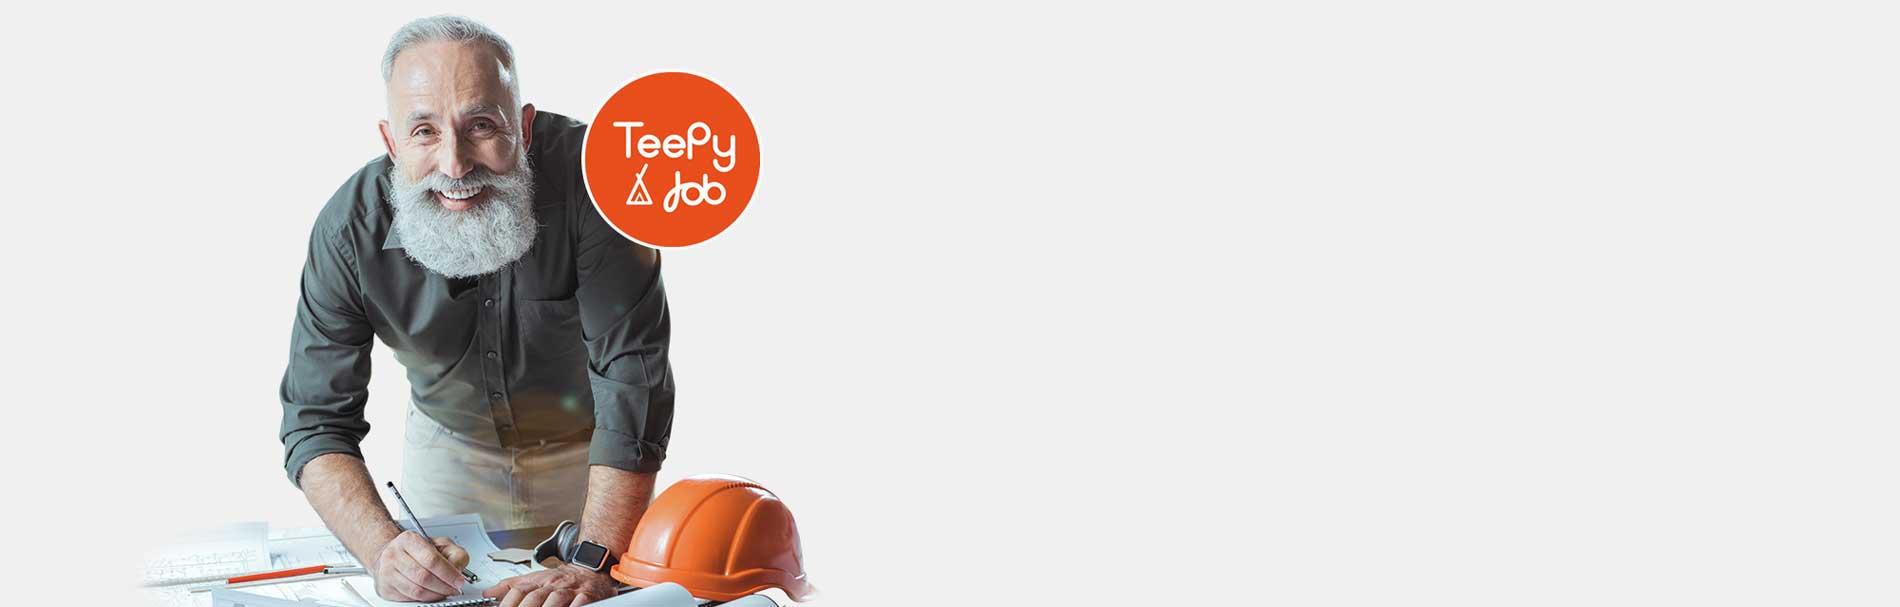 Bannière TeePy Job